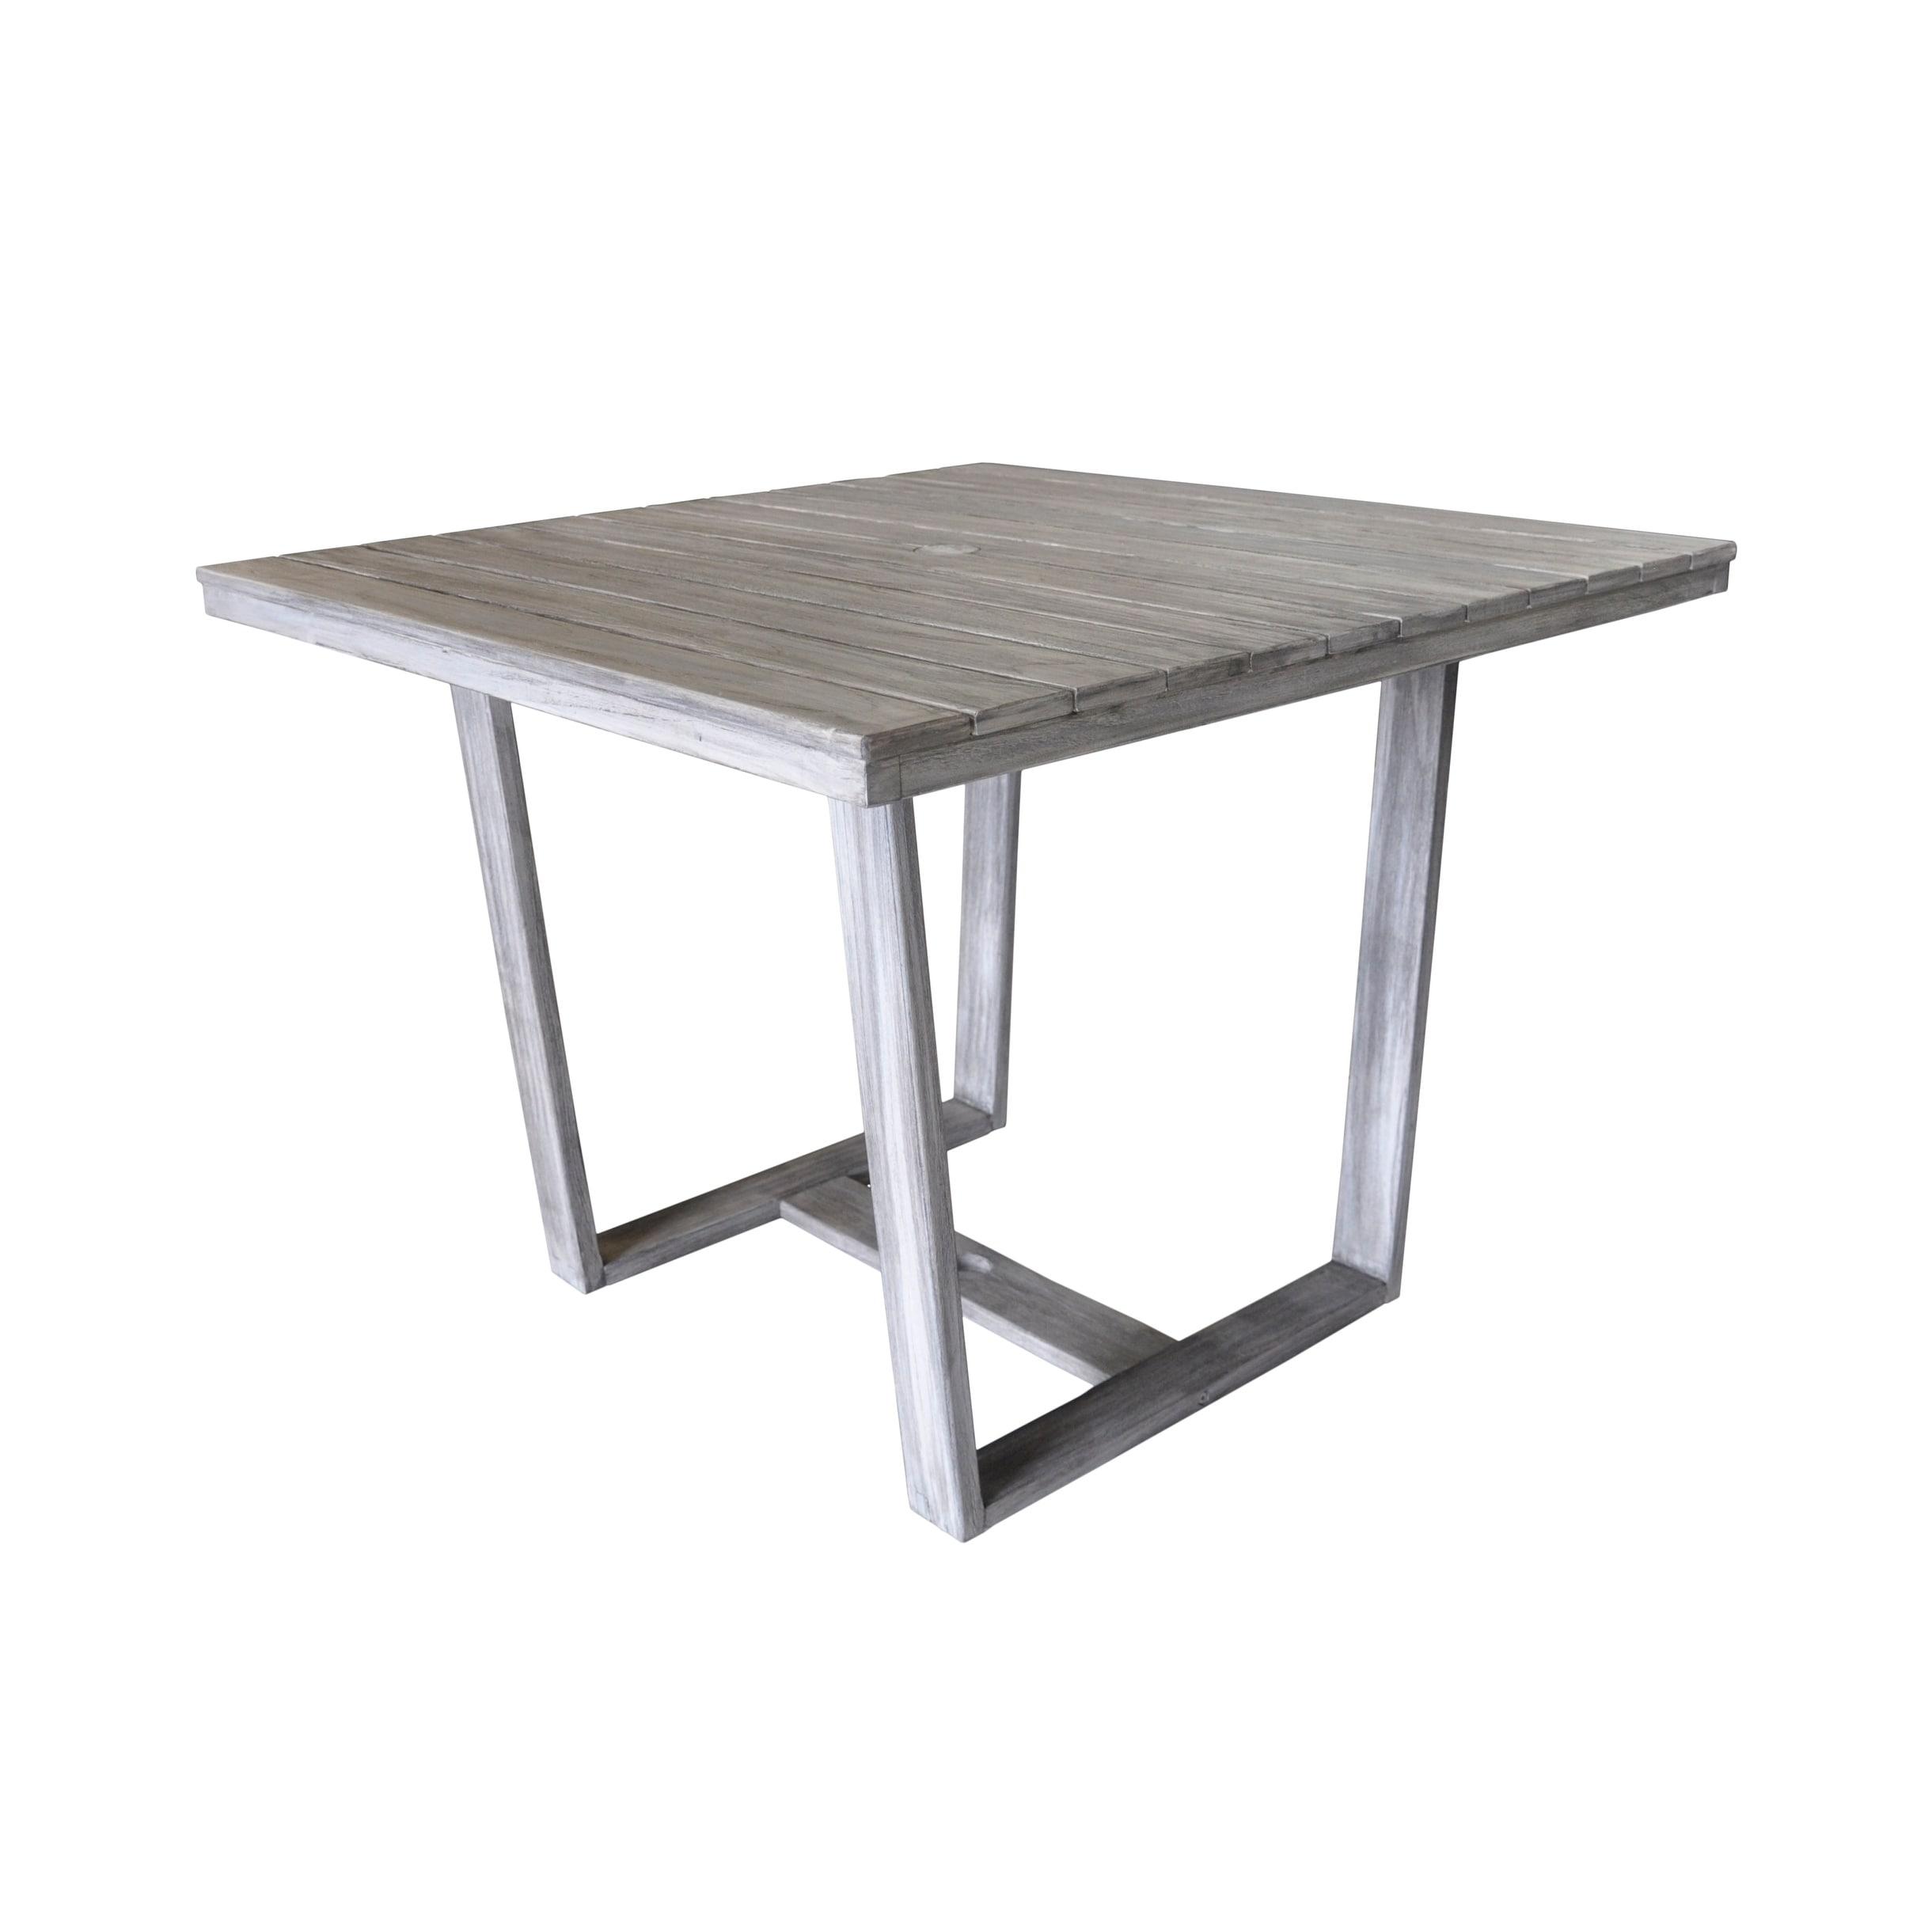 Havenside Home Surfside Grey Teak Outdoor Square Dining Table